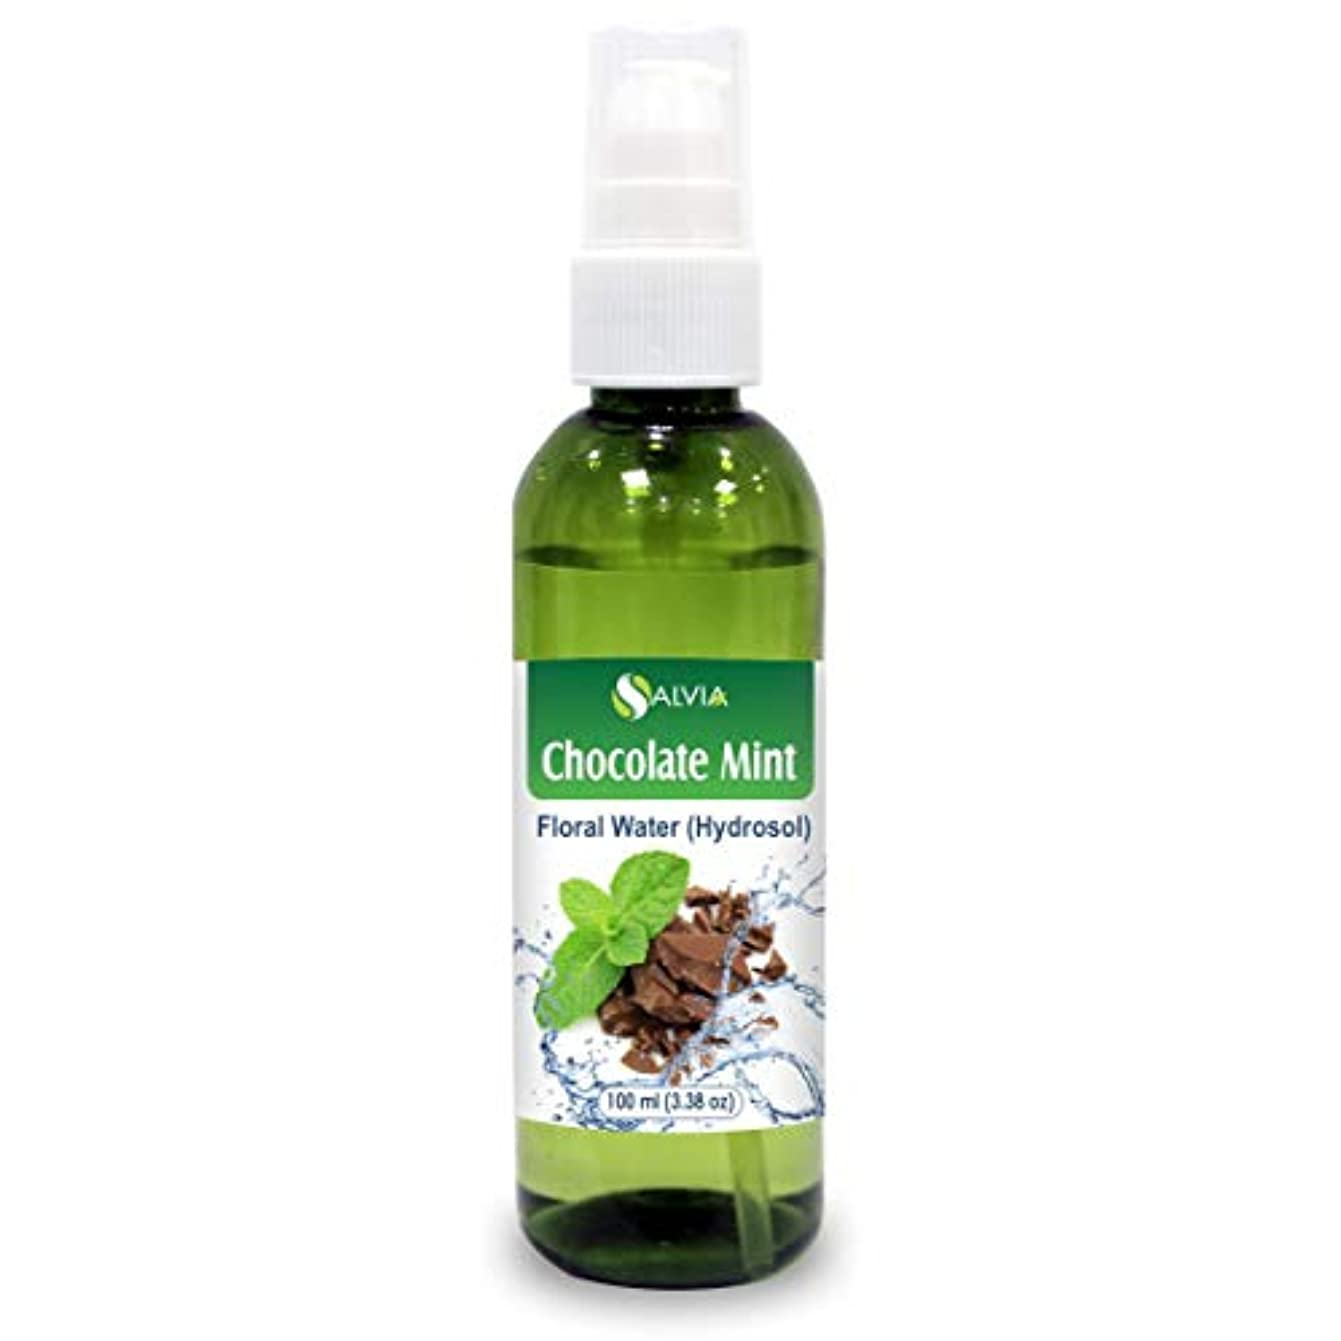 ウッズルーテクスチャーChocolate Mint Floral Water 100ml (Hydrosol) 100% Pure And Natural